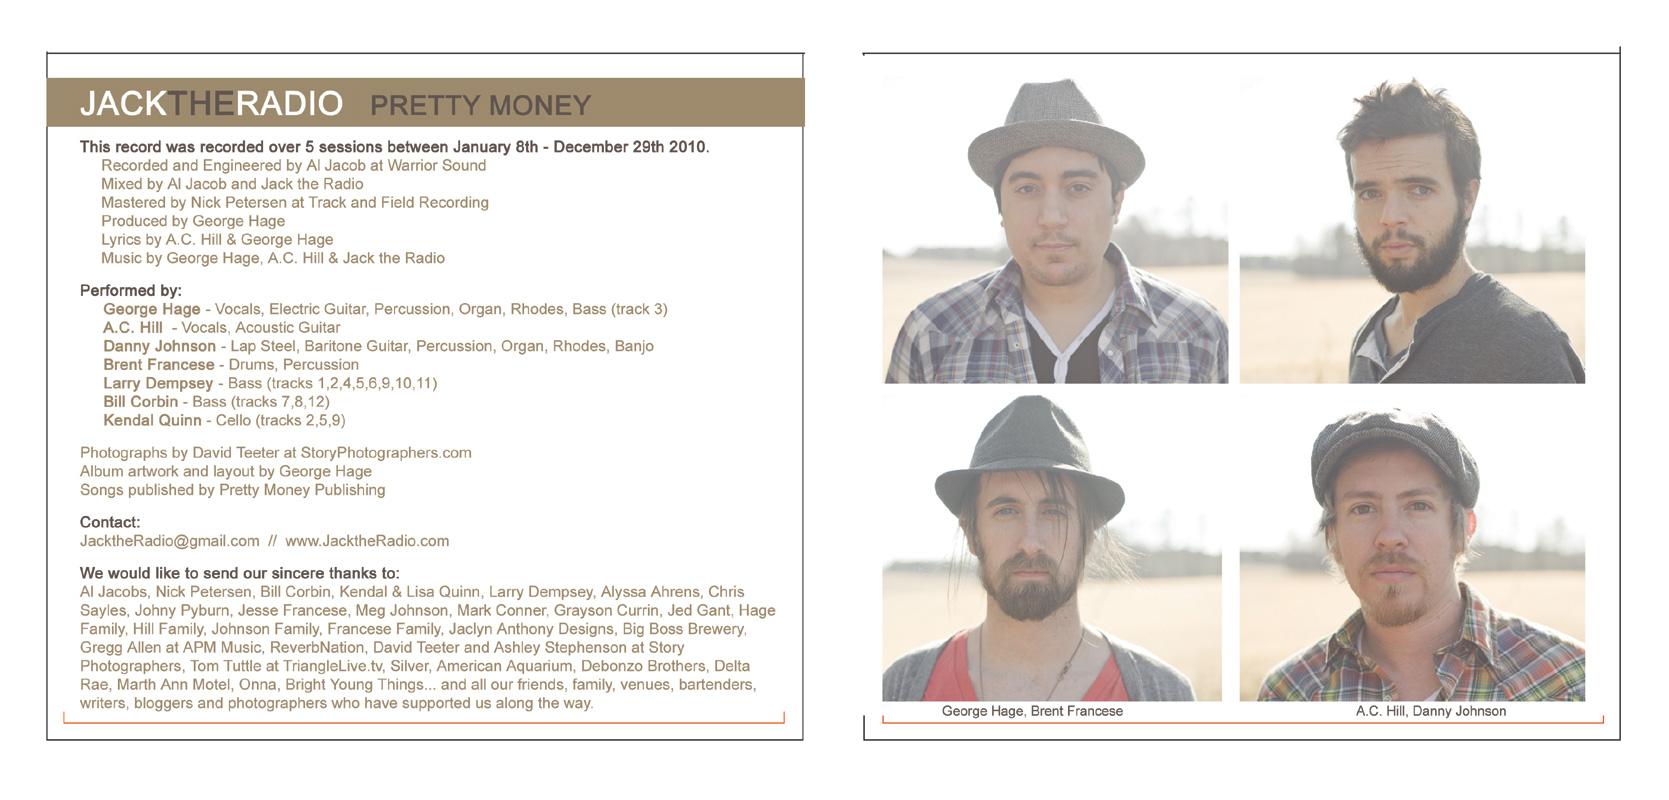 2011-02-10_InsideART.jpg